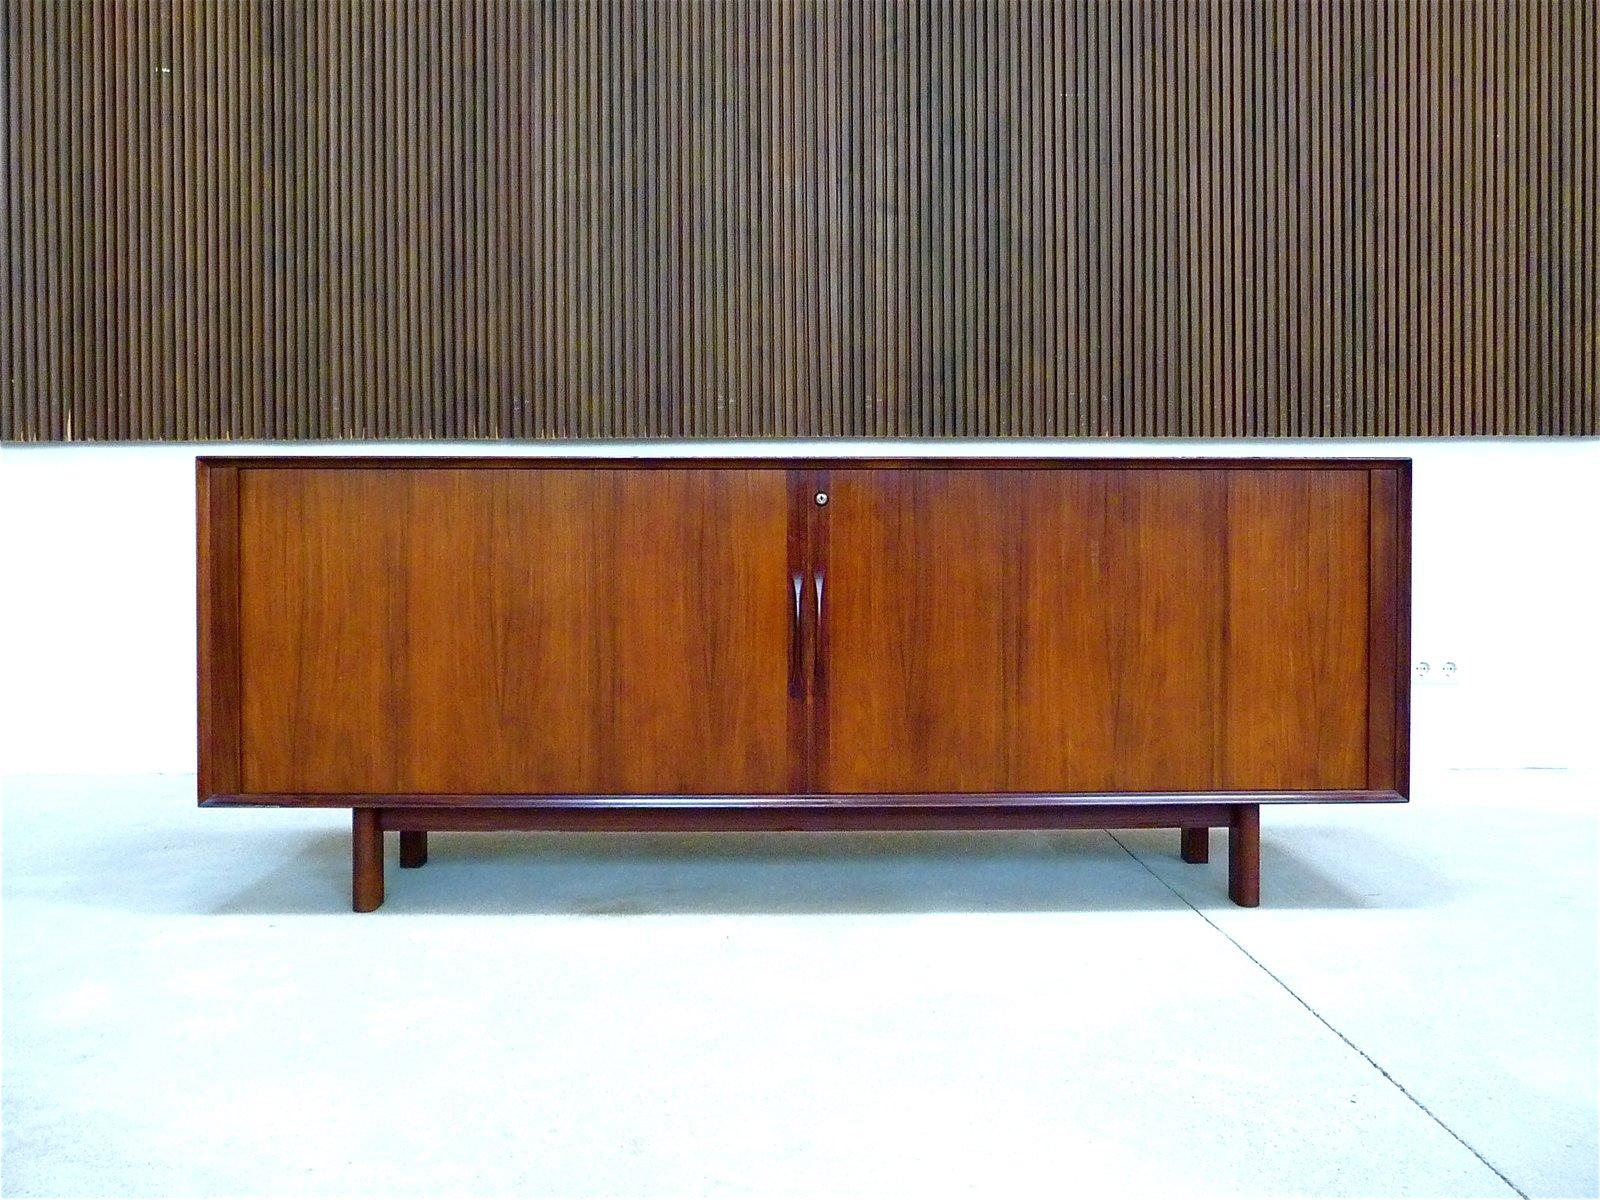 Dänisches Modell No. 75 Palisander Sideboard von Arne Vodder für Sibas...